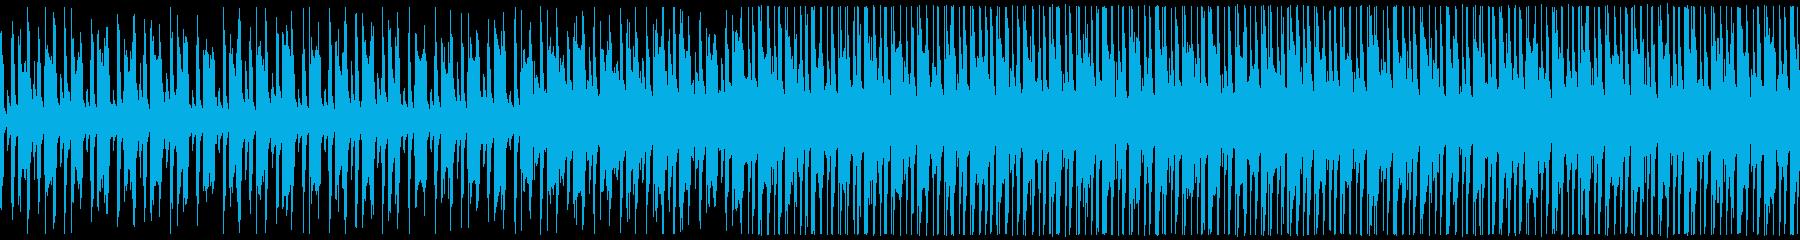 【メロディ抜き】明るいほのぼのアンサン…の再生済みの波形